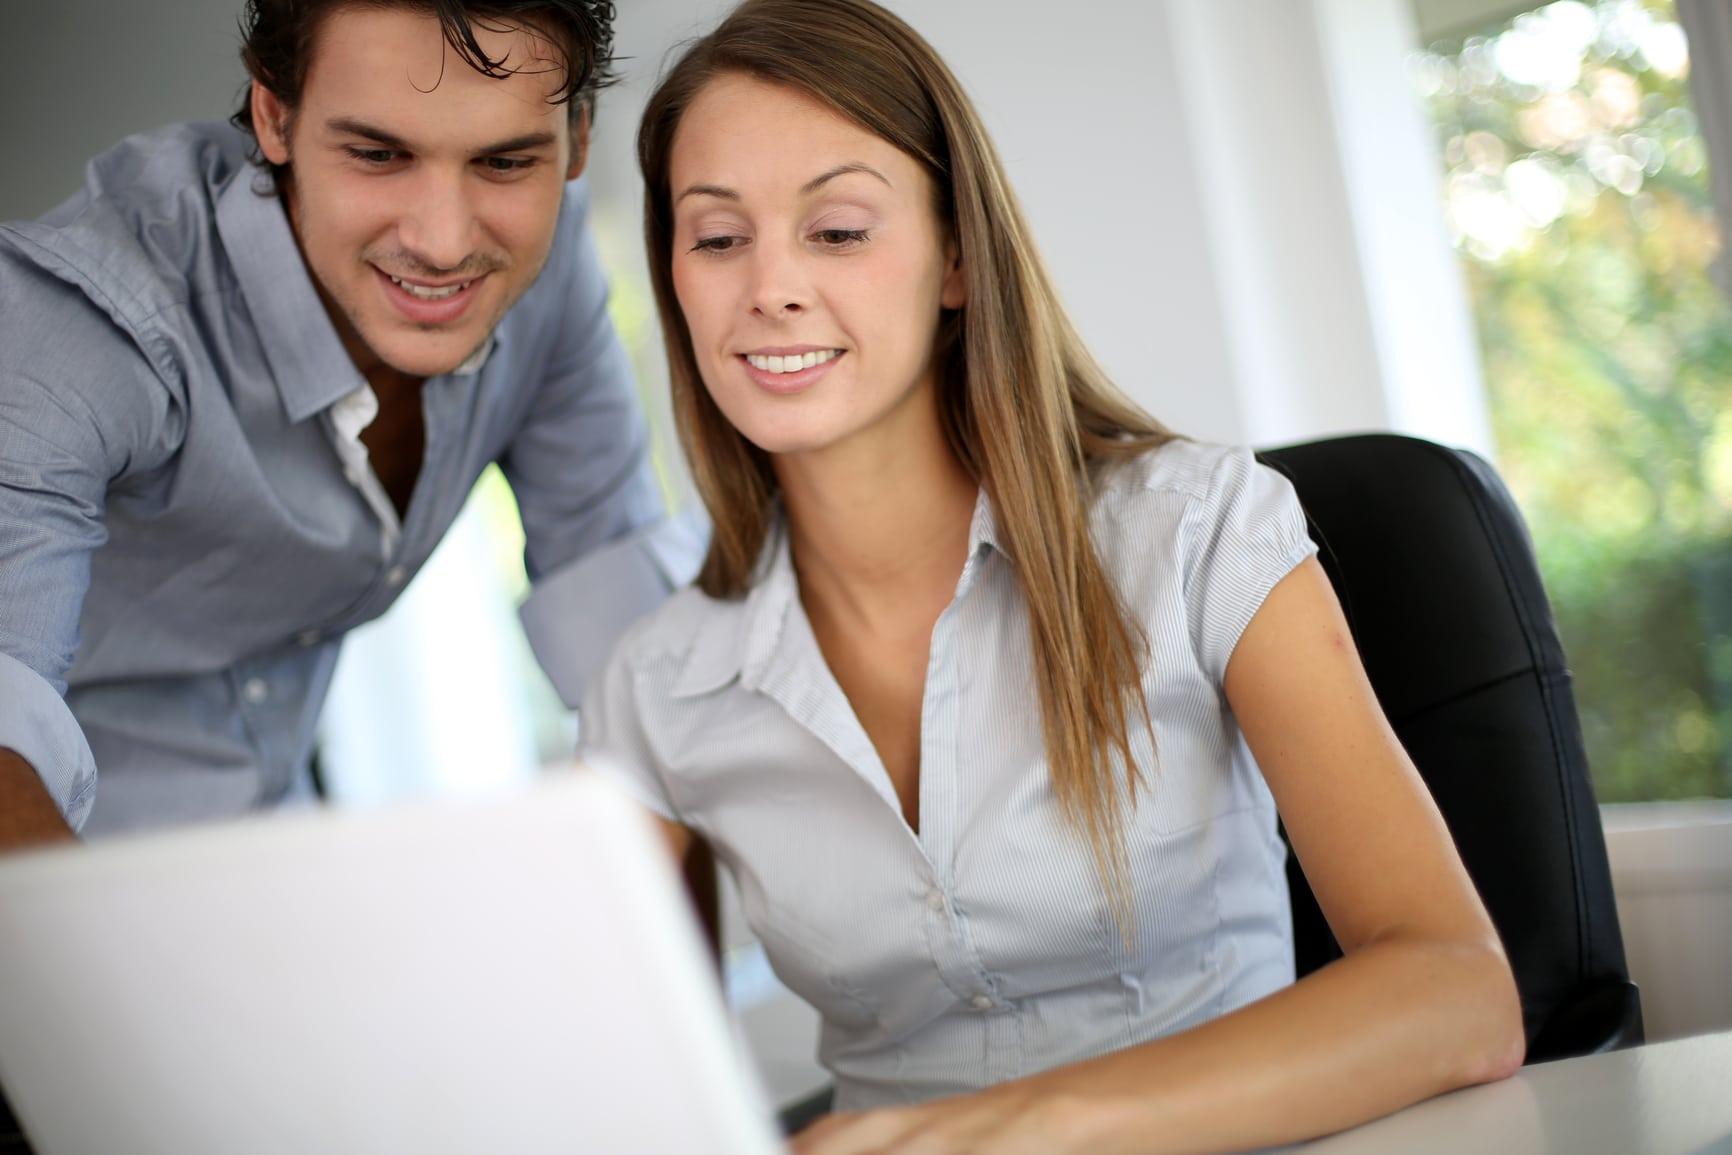 Obowiązki sklepu i serwisu internetowego w zakresie danych osobowych (GIODO)